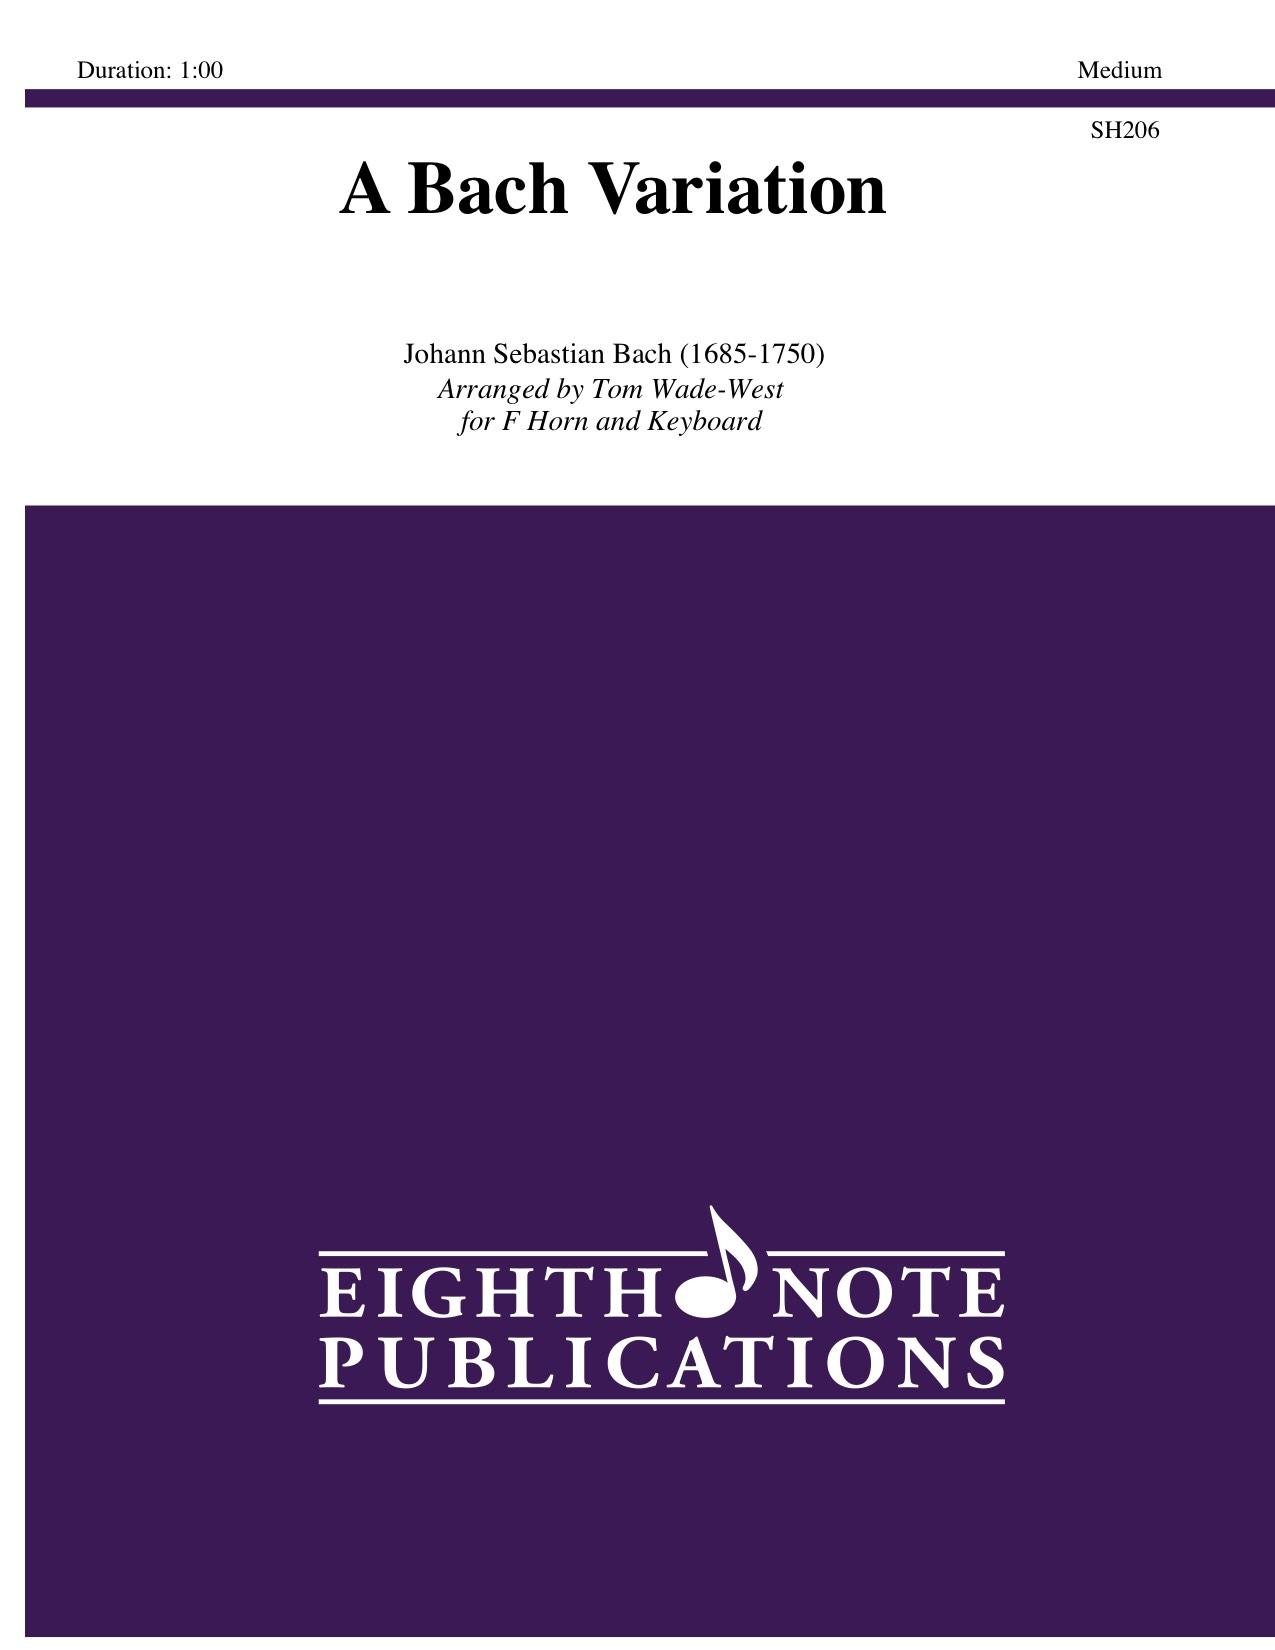 A Bach Variation  - Johann Sebastian Bach